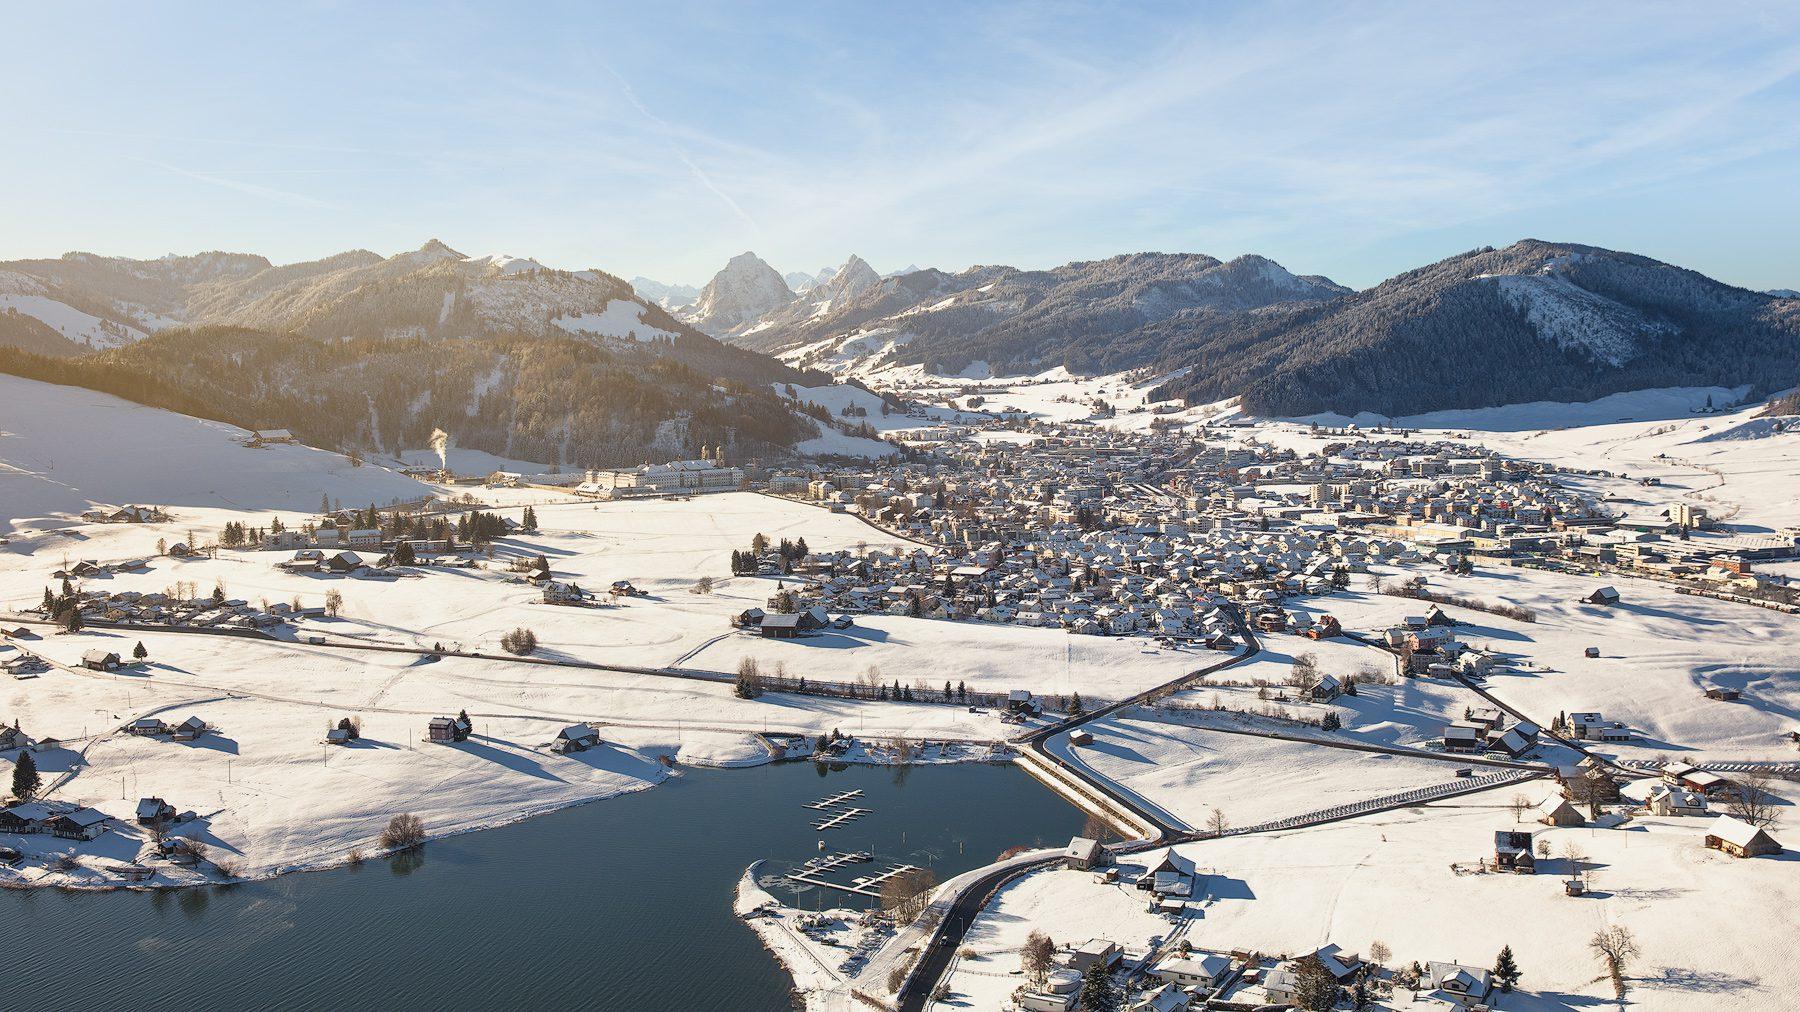 winterliche Luftaufnahme mit Helikopter Blick nach Einsiedeln und Mythen